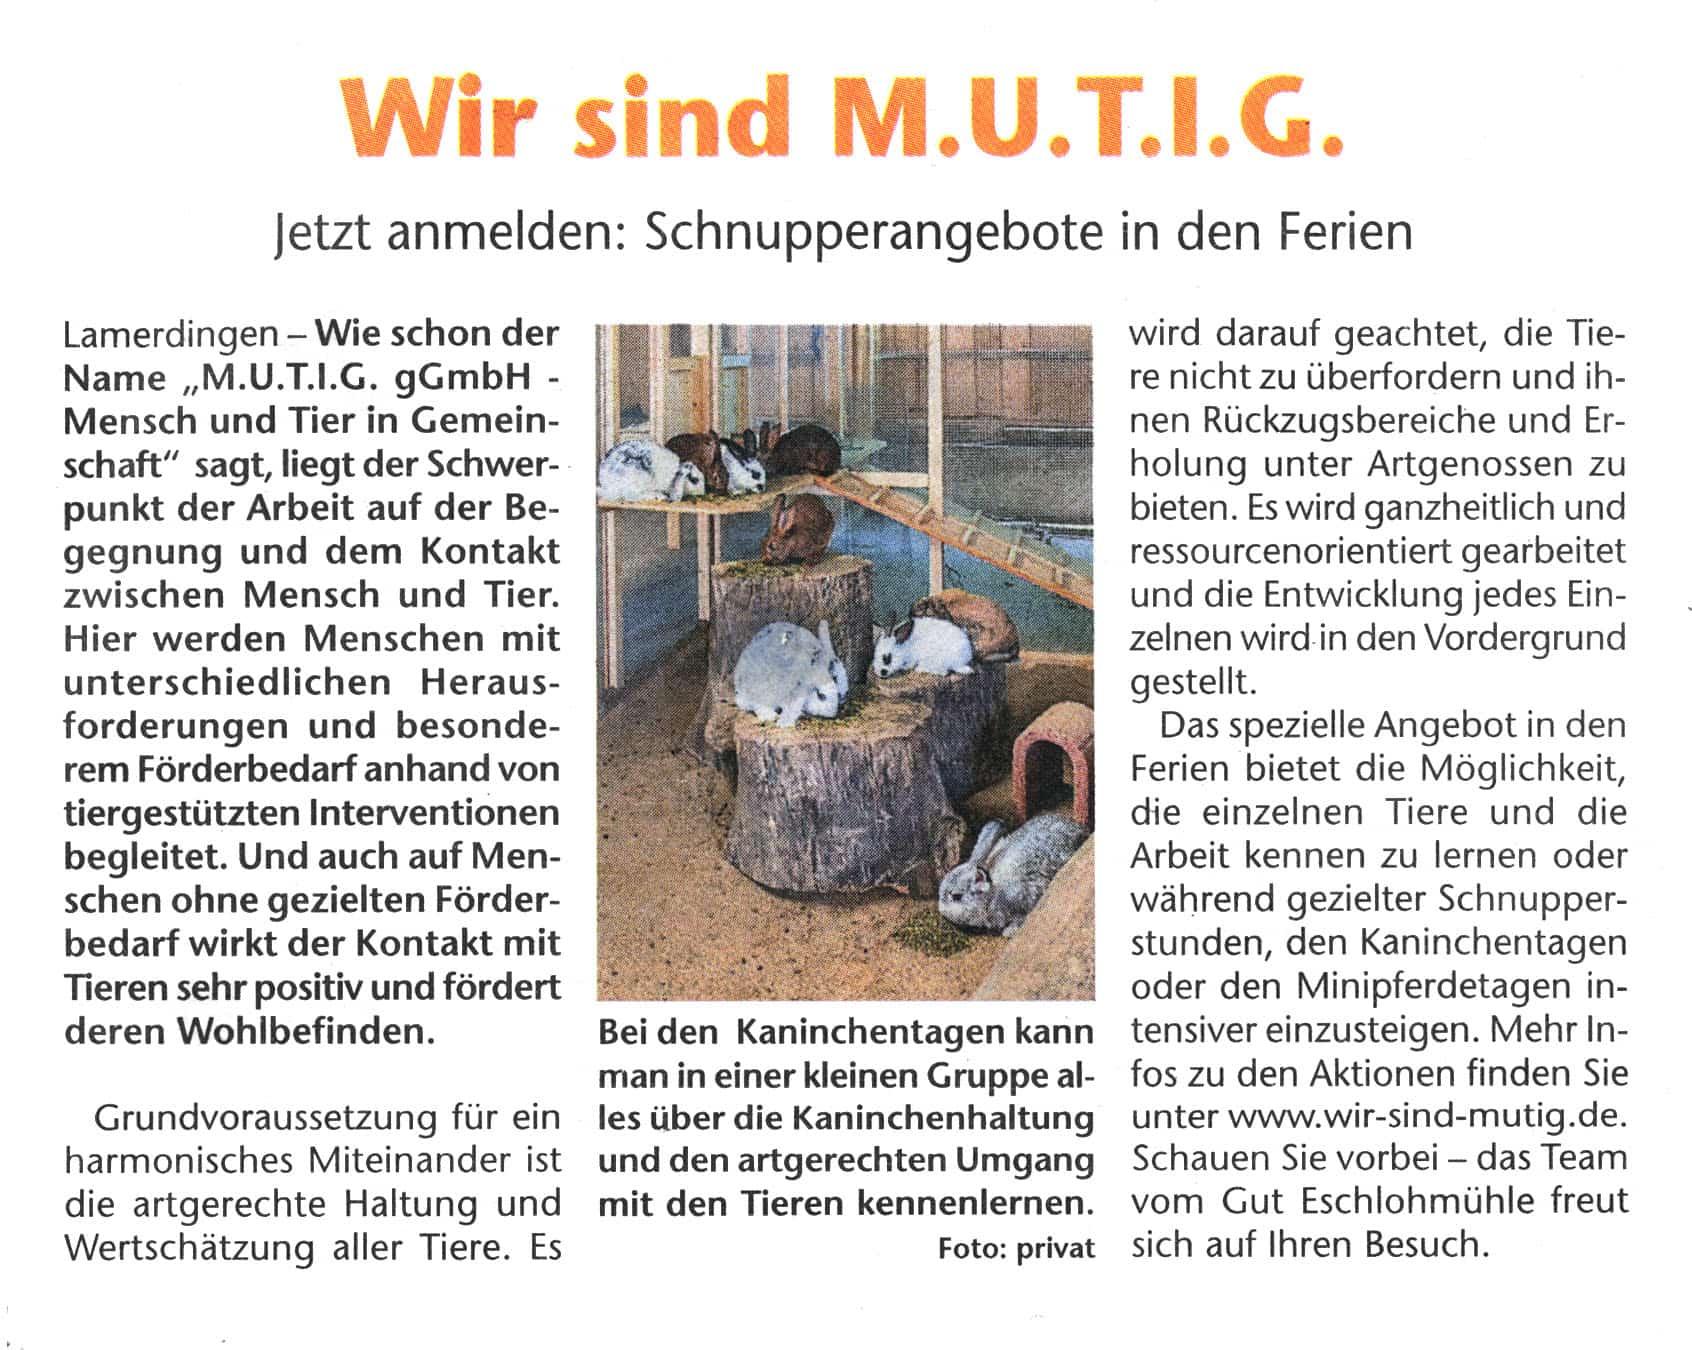 Ferien Schnupperangebot Gut Eschenlohmühle